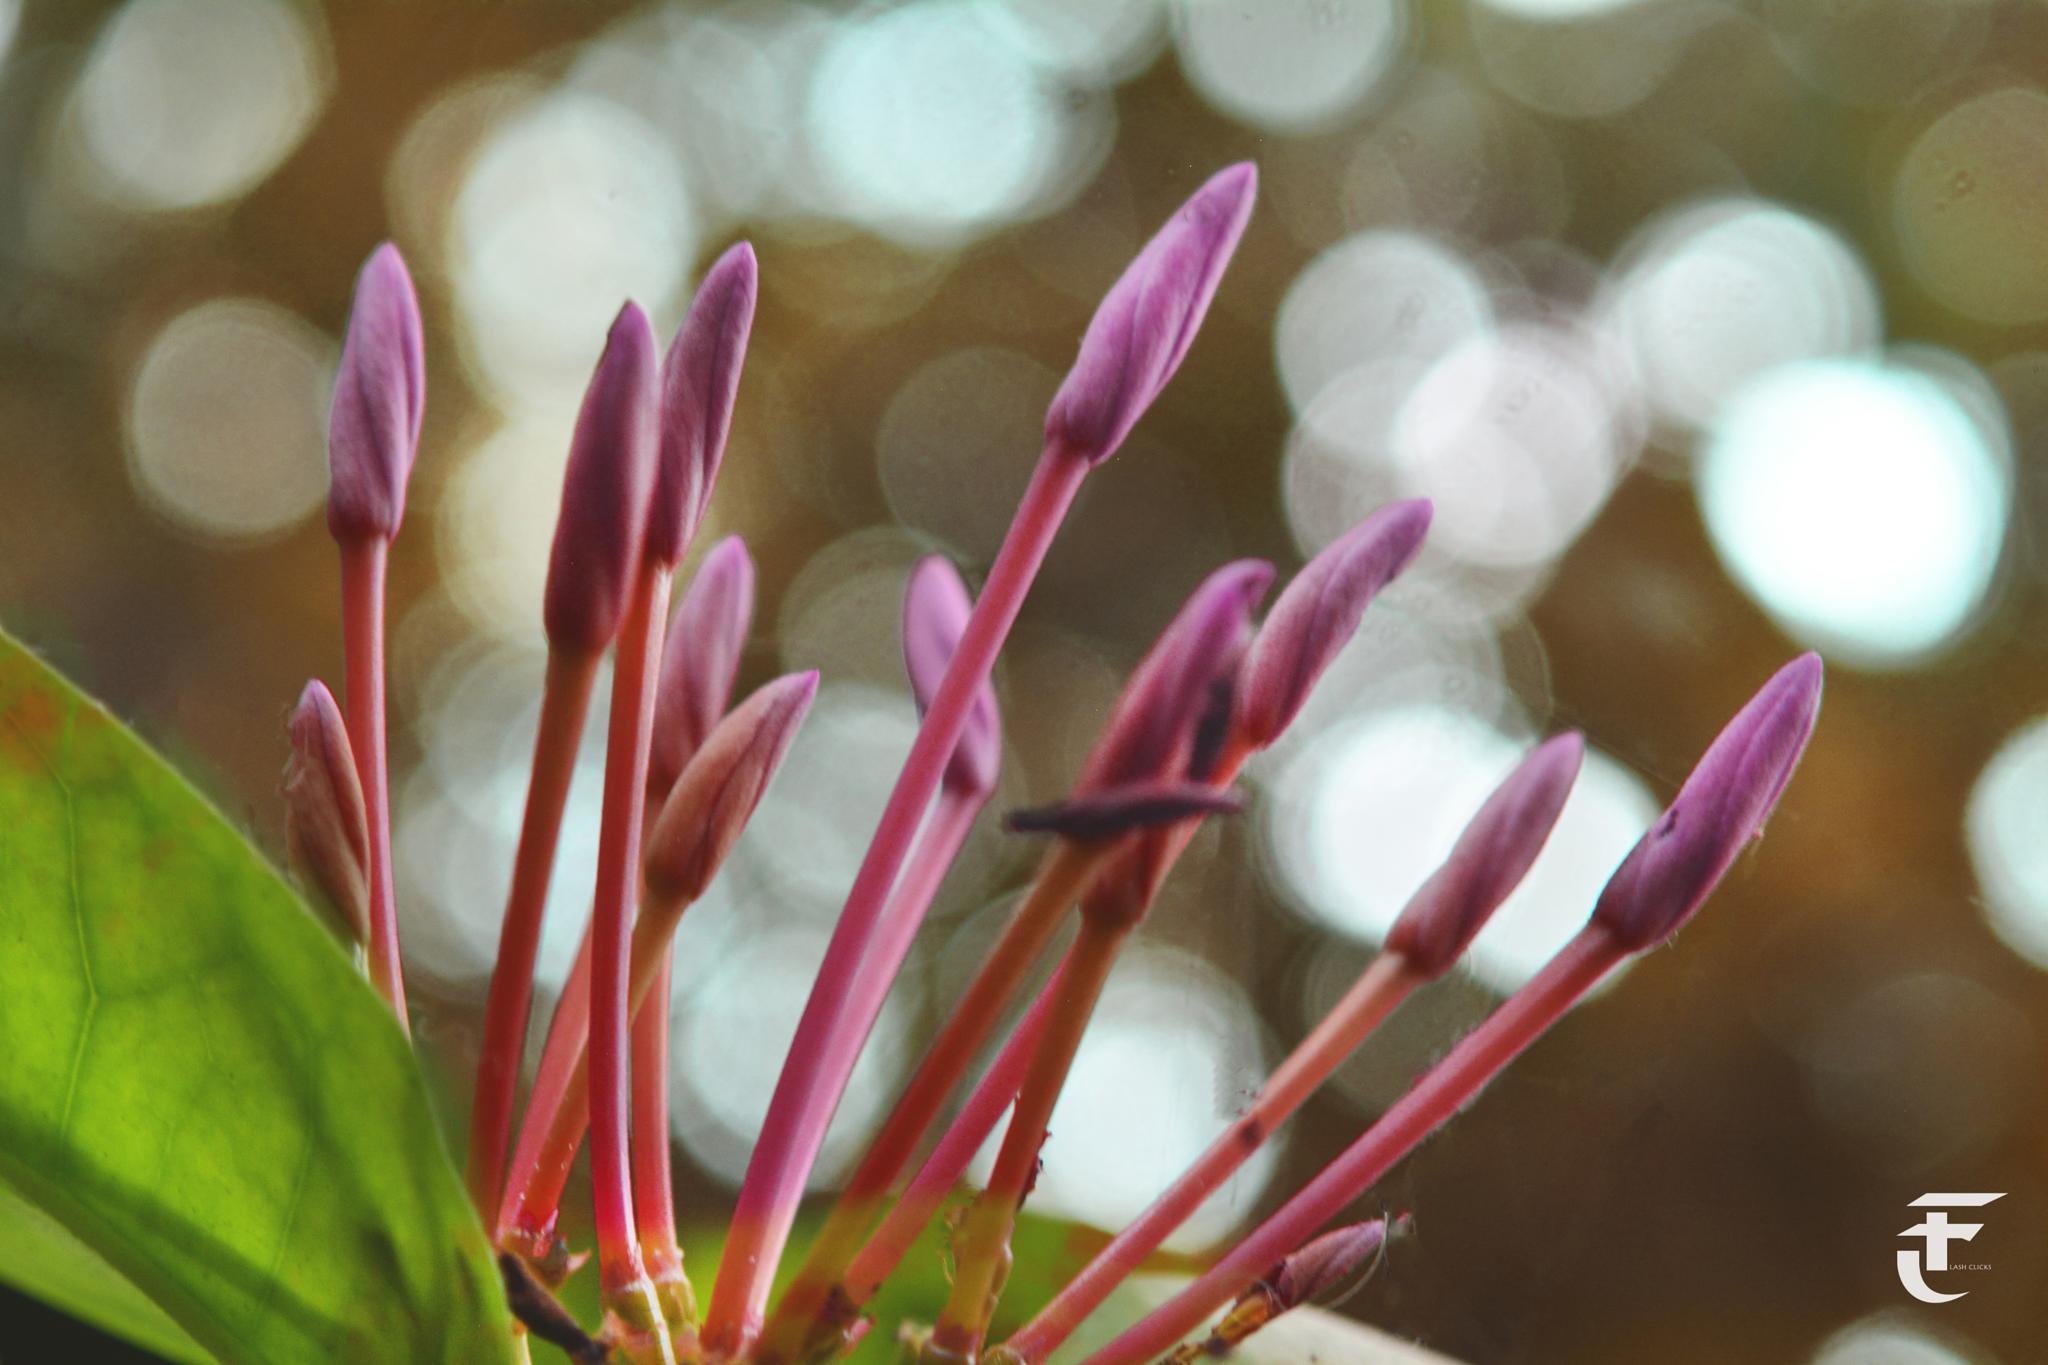 flowers by pankaj.kokolu